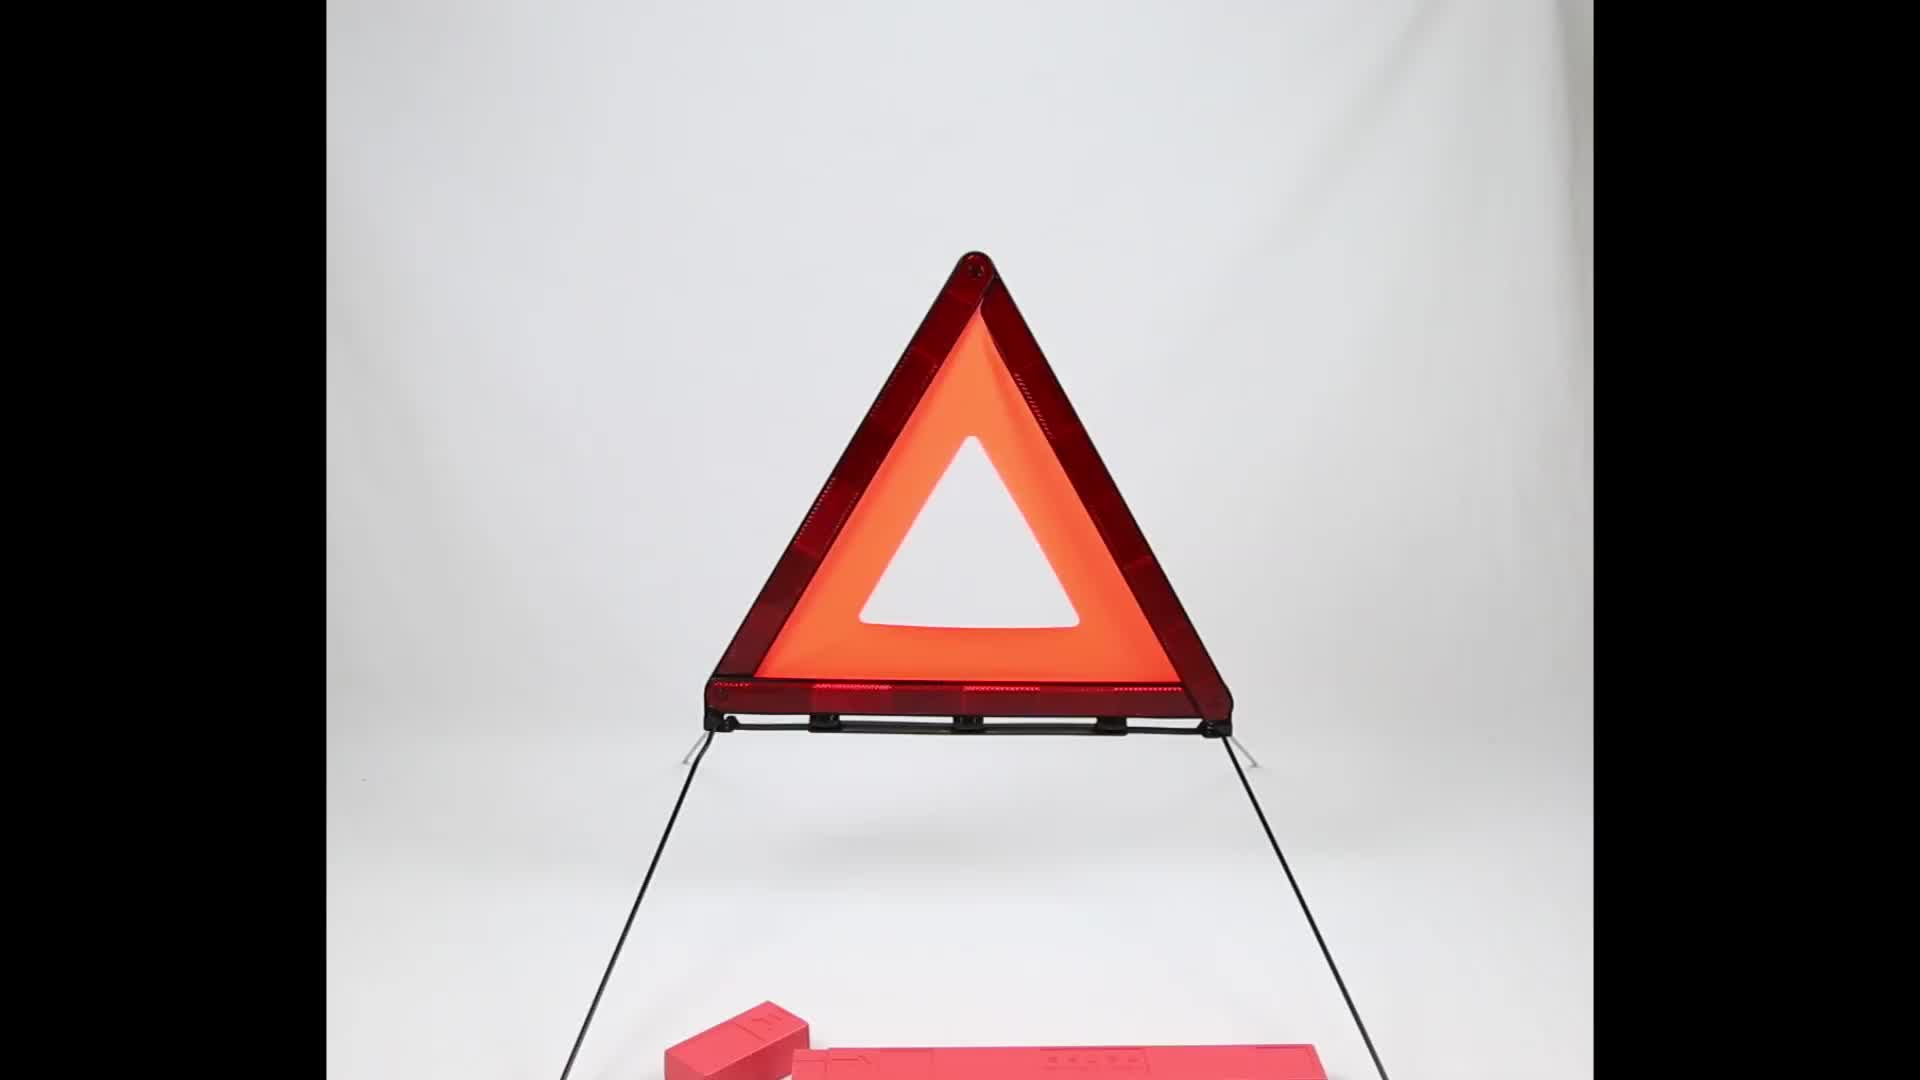 รถสามเหลี่ยมป้ายเตือนสัญญาณเตือนการจราจรสำหรับรถบรรจุป้ายเตือนสะท้อนแสงเครื่องมือฉุกเฉิน